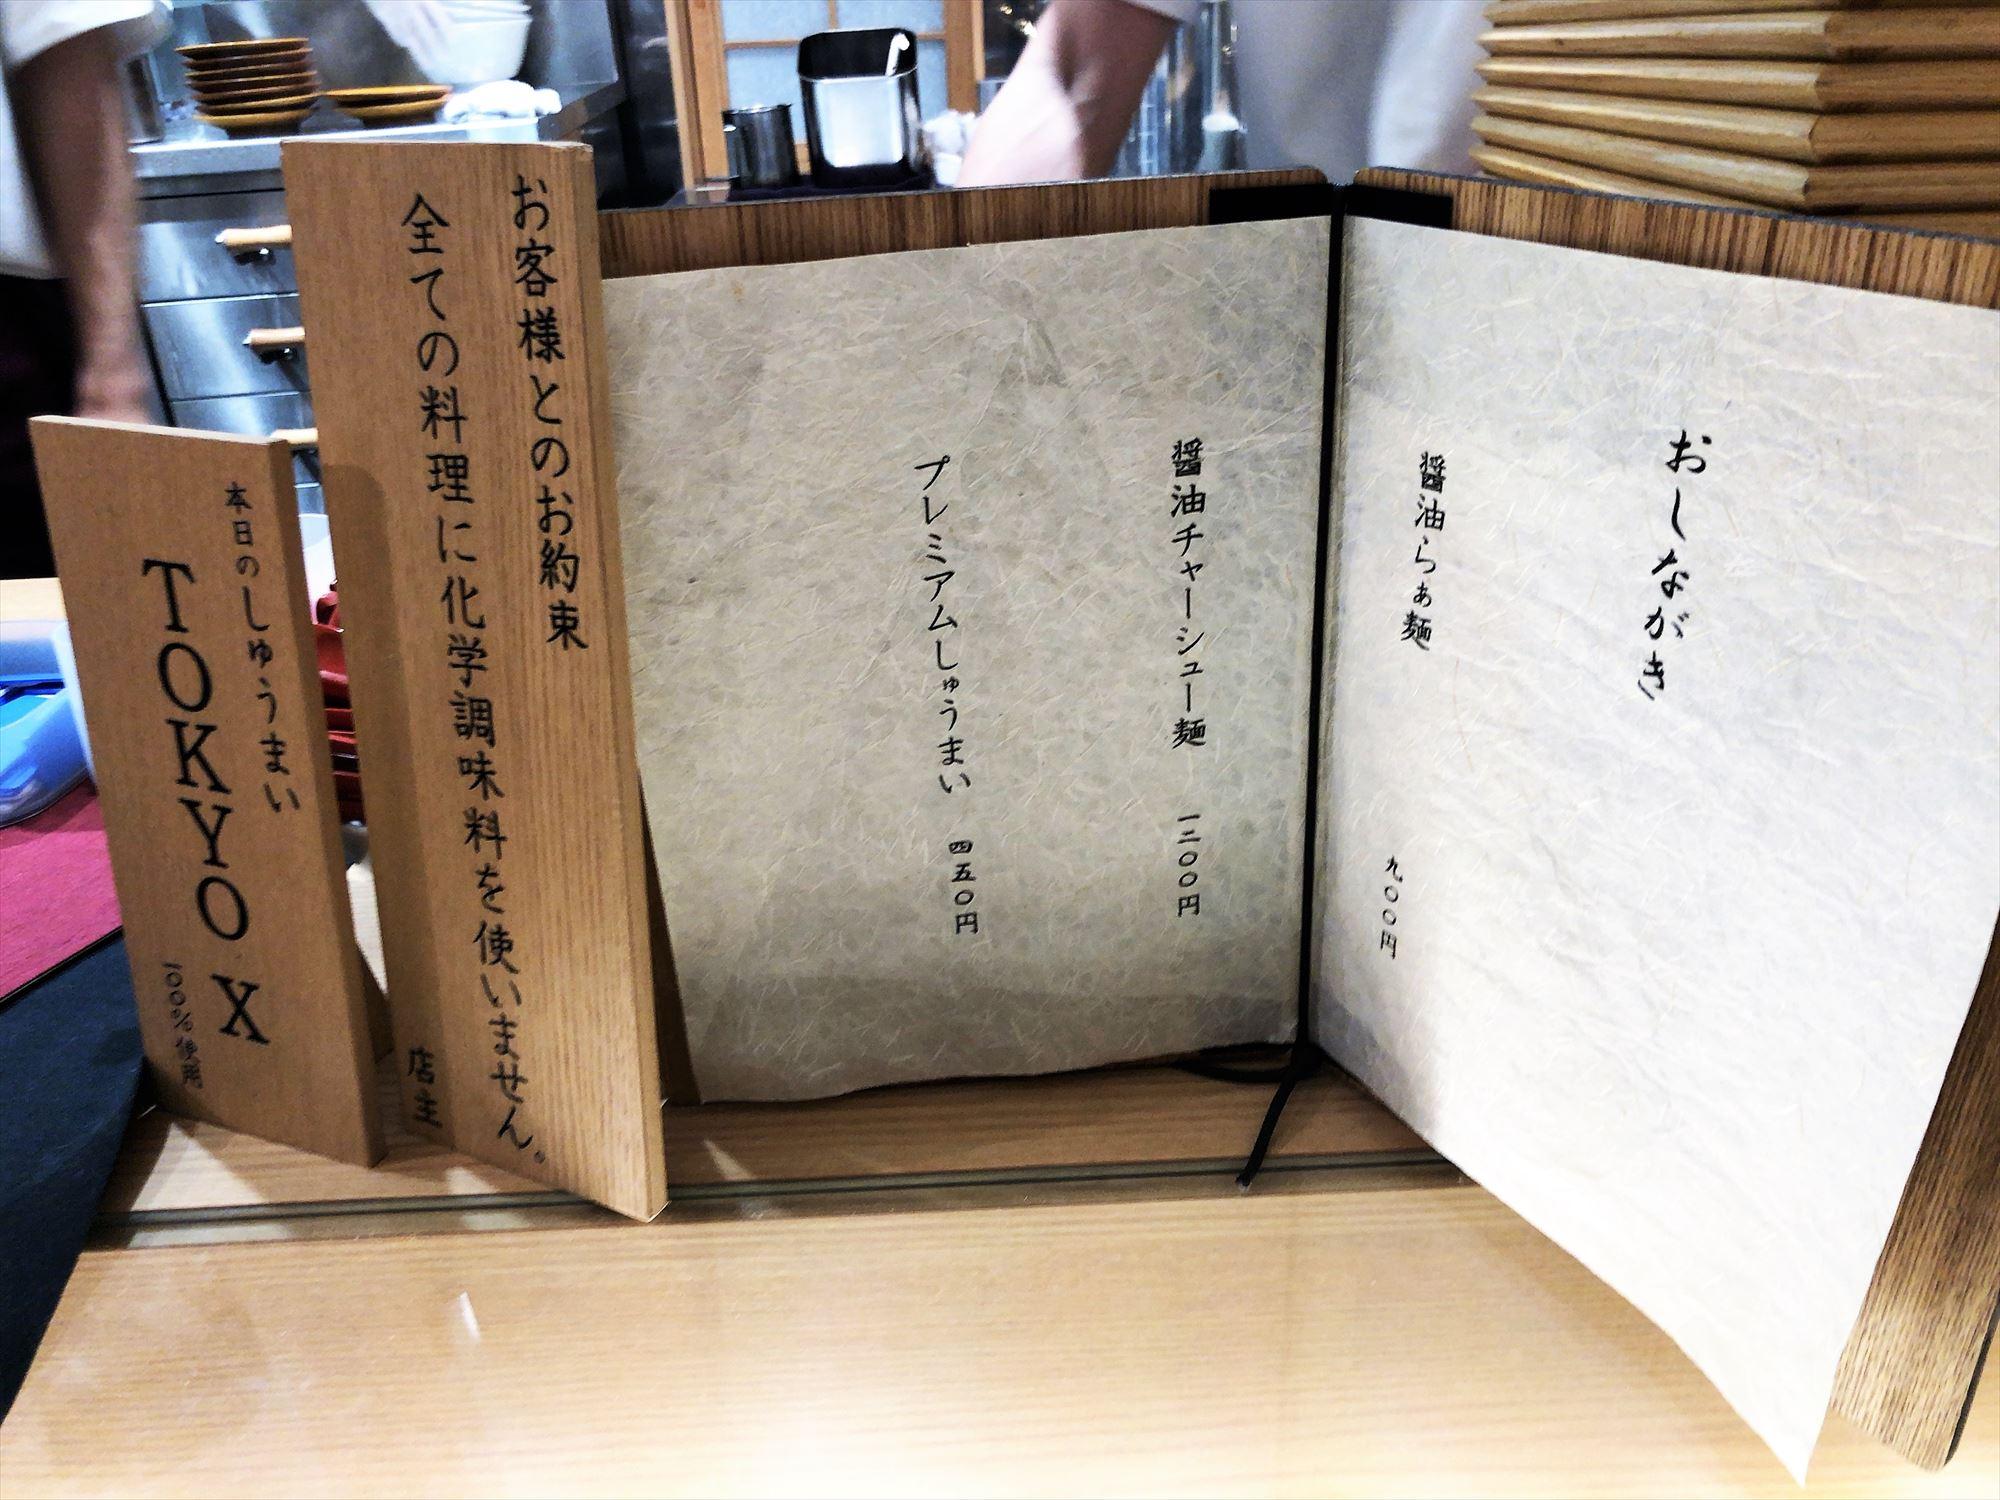 湯河原 飯田商店のメニュー